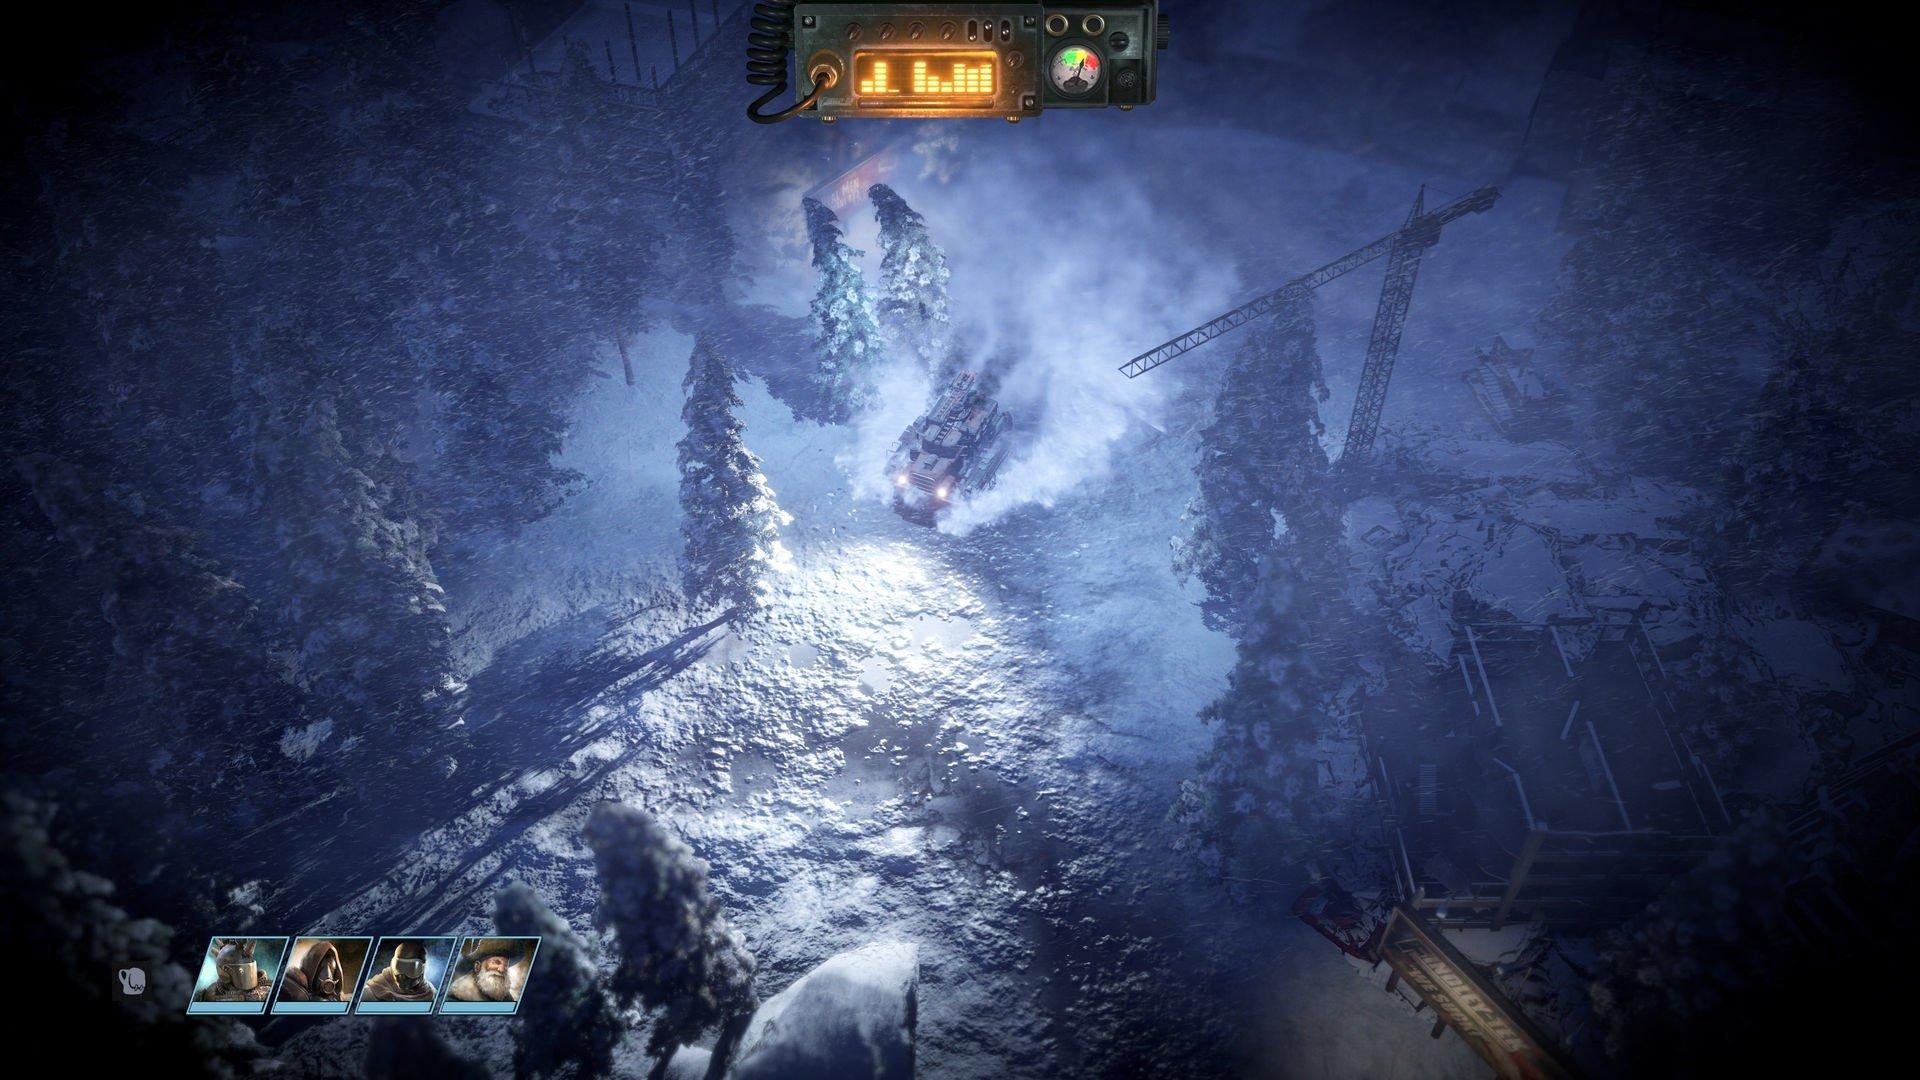 Скриншот к игре Wasteland 3 - Digital Deluxe Edition [v j2844 + DLC] (2020) скачать торрент RePack от R.G. Механики